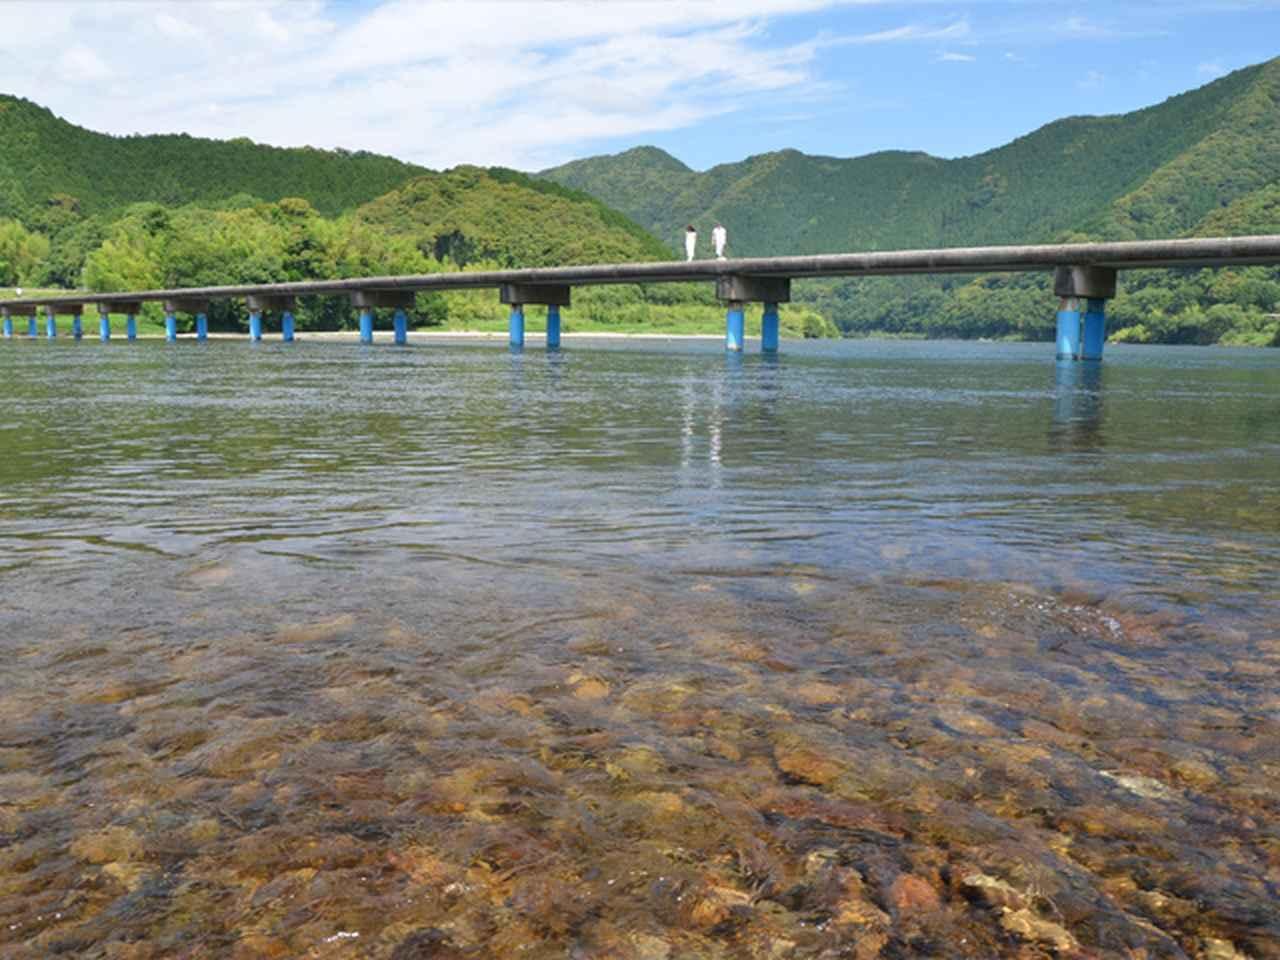 画像: 16:20 四万十川の代表的な風景、佐田沈下橋で写真撮影